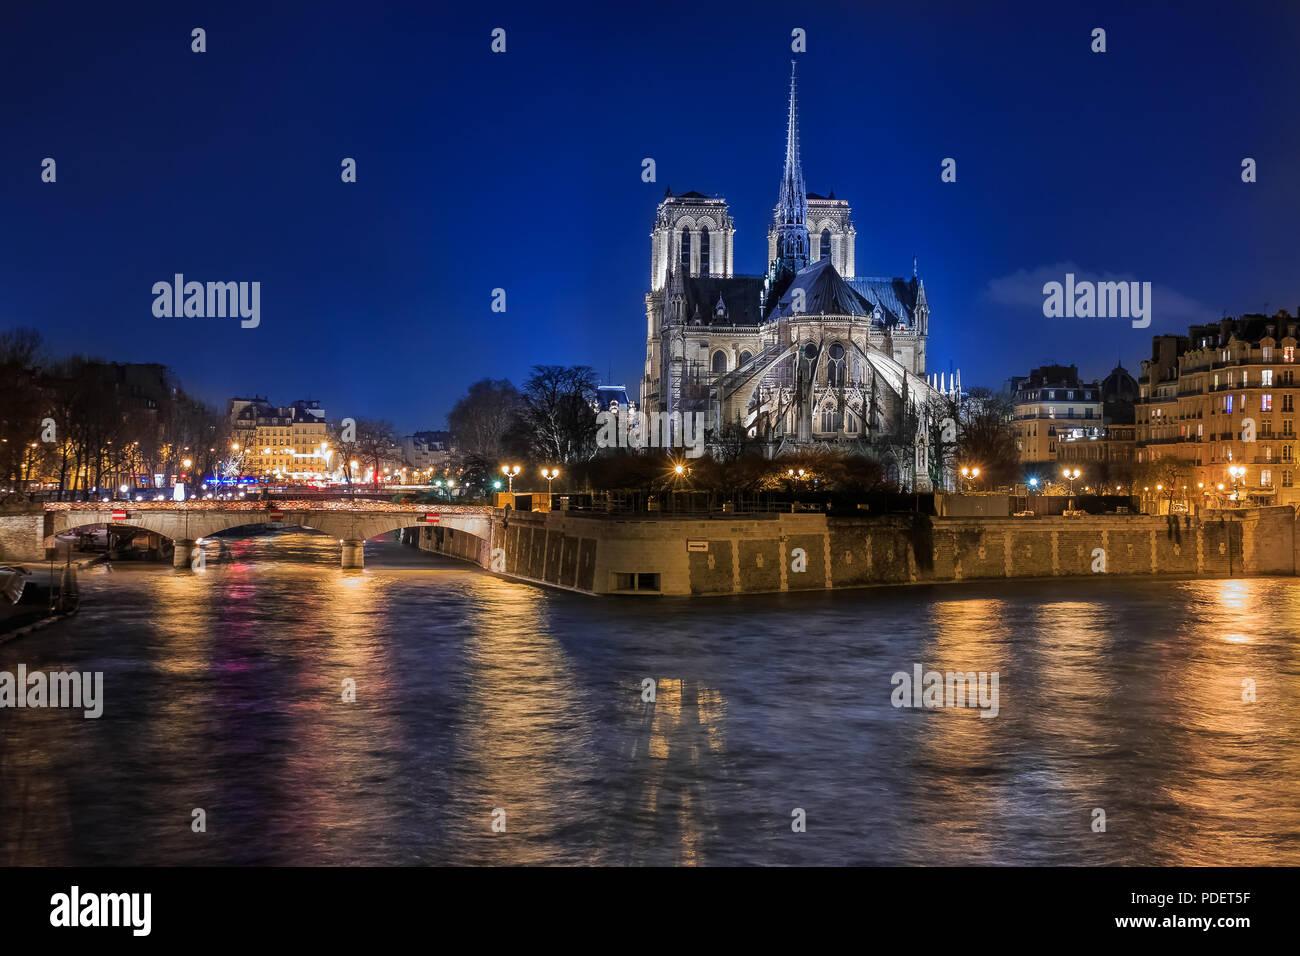 Vista sul Fiume Senna illuminatred sul retro della Cattedrale di Notre Dame de Paris di notte in, famosa in tutto il mondo romano gotica Cattedrale cattolica ho Immagini Stock